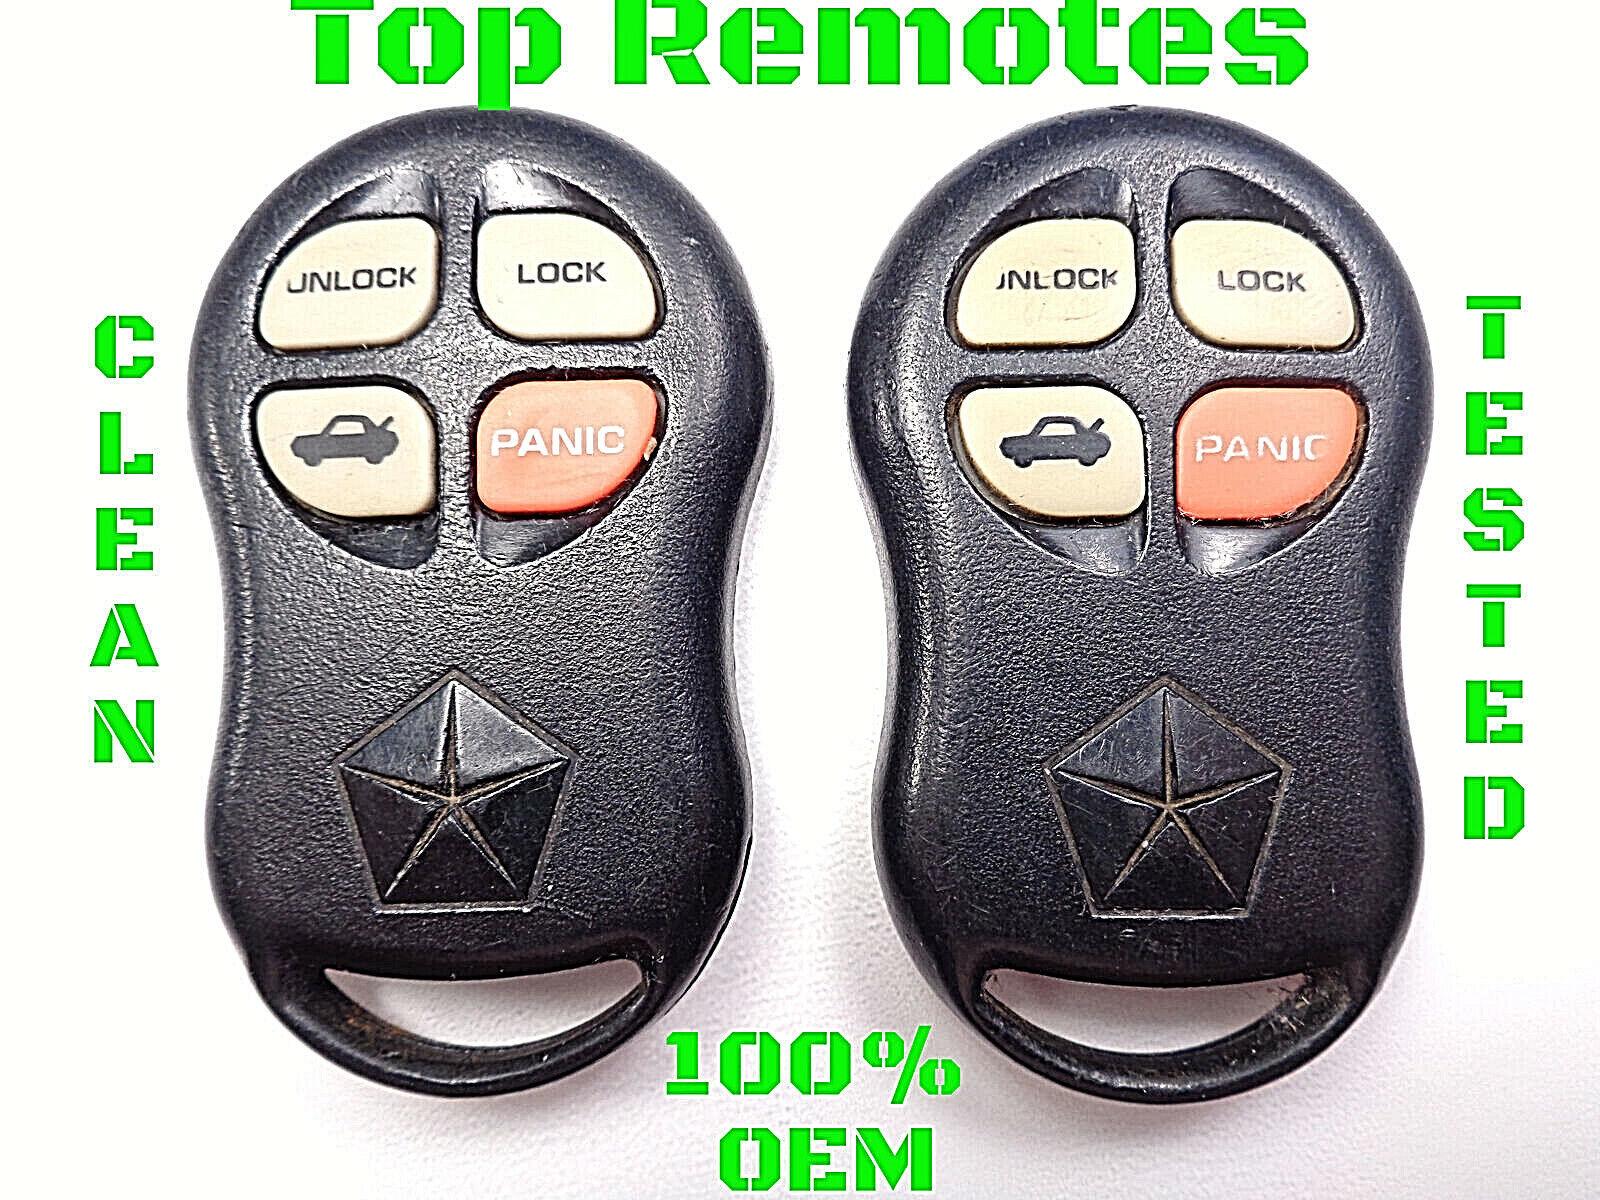 KYPTX002 Chrysler Sebring Remote Key Fob Remote OEM 1997 1998 1999 2000